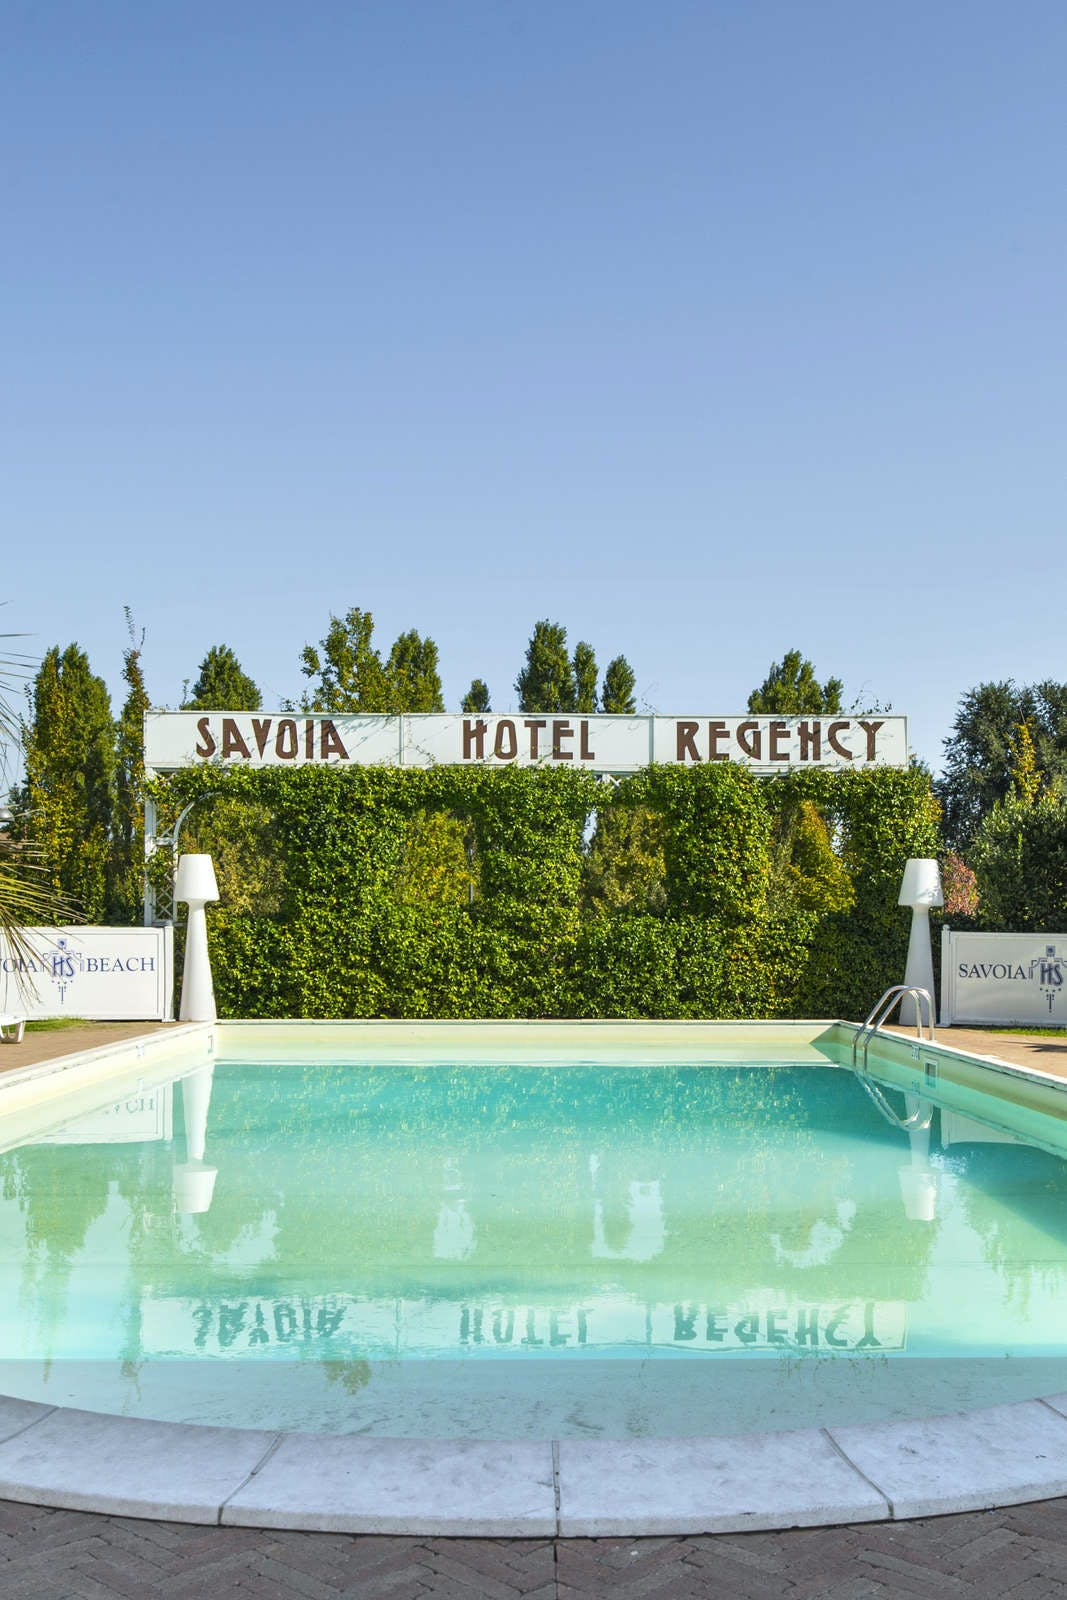 Savoia Hotel Regency